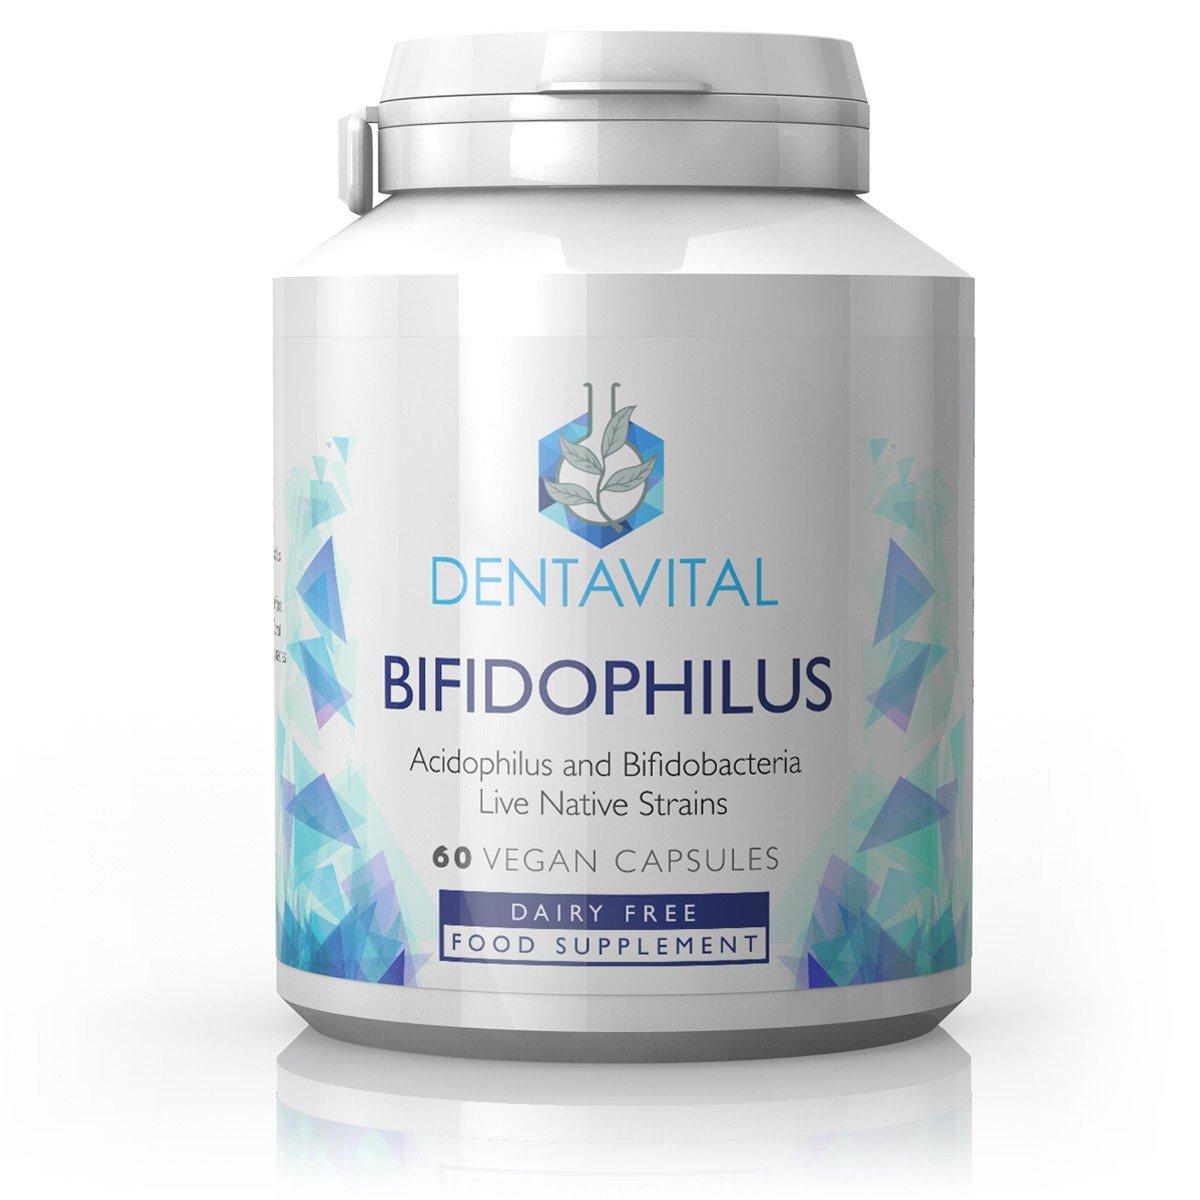 Dentavital Bifidophilus 60's